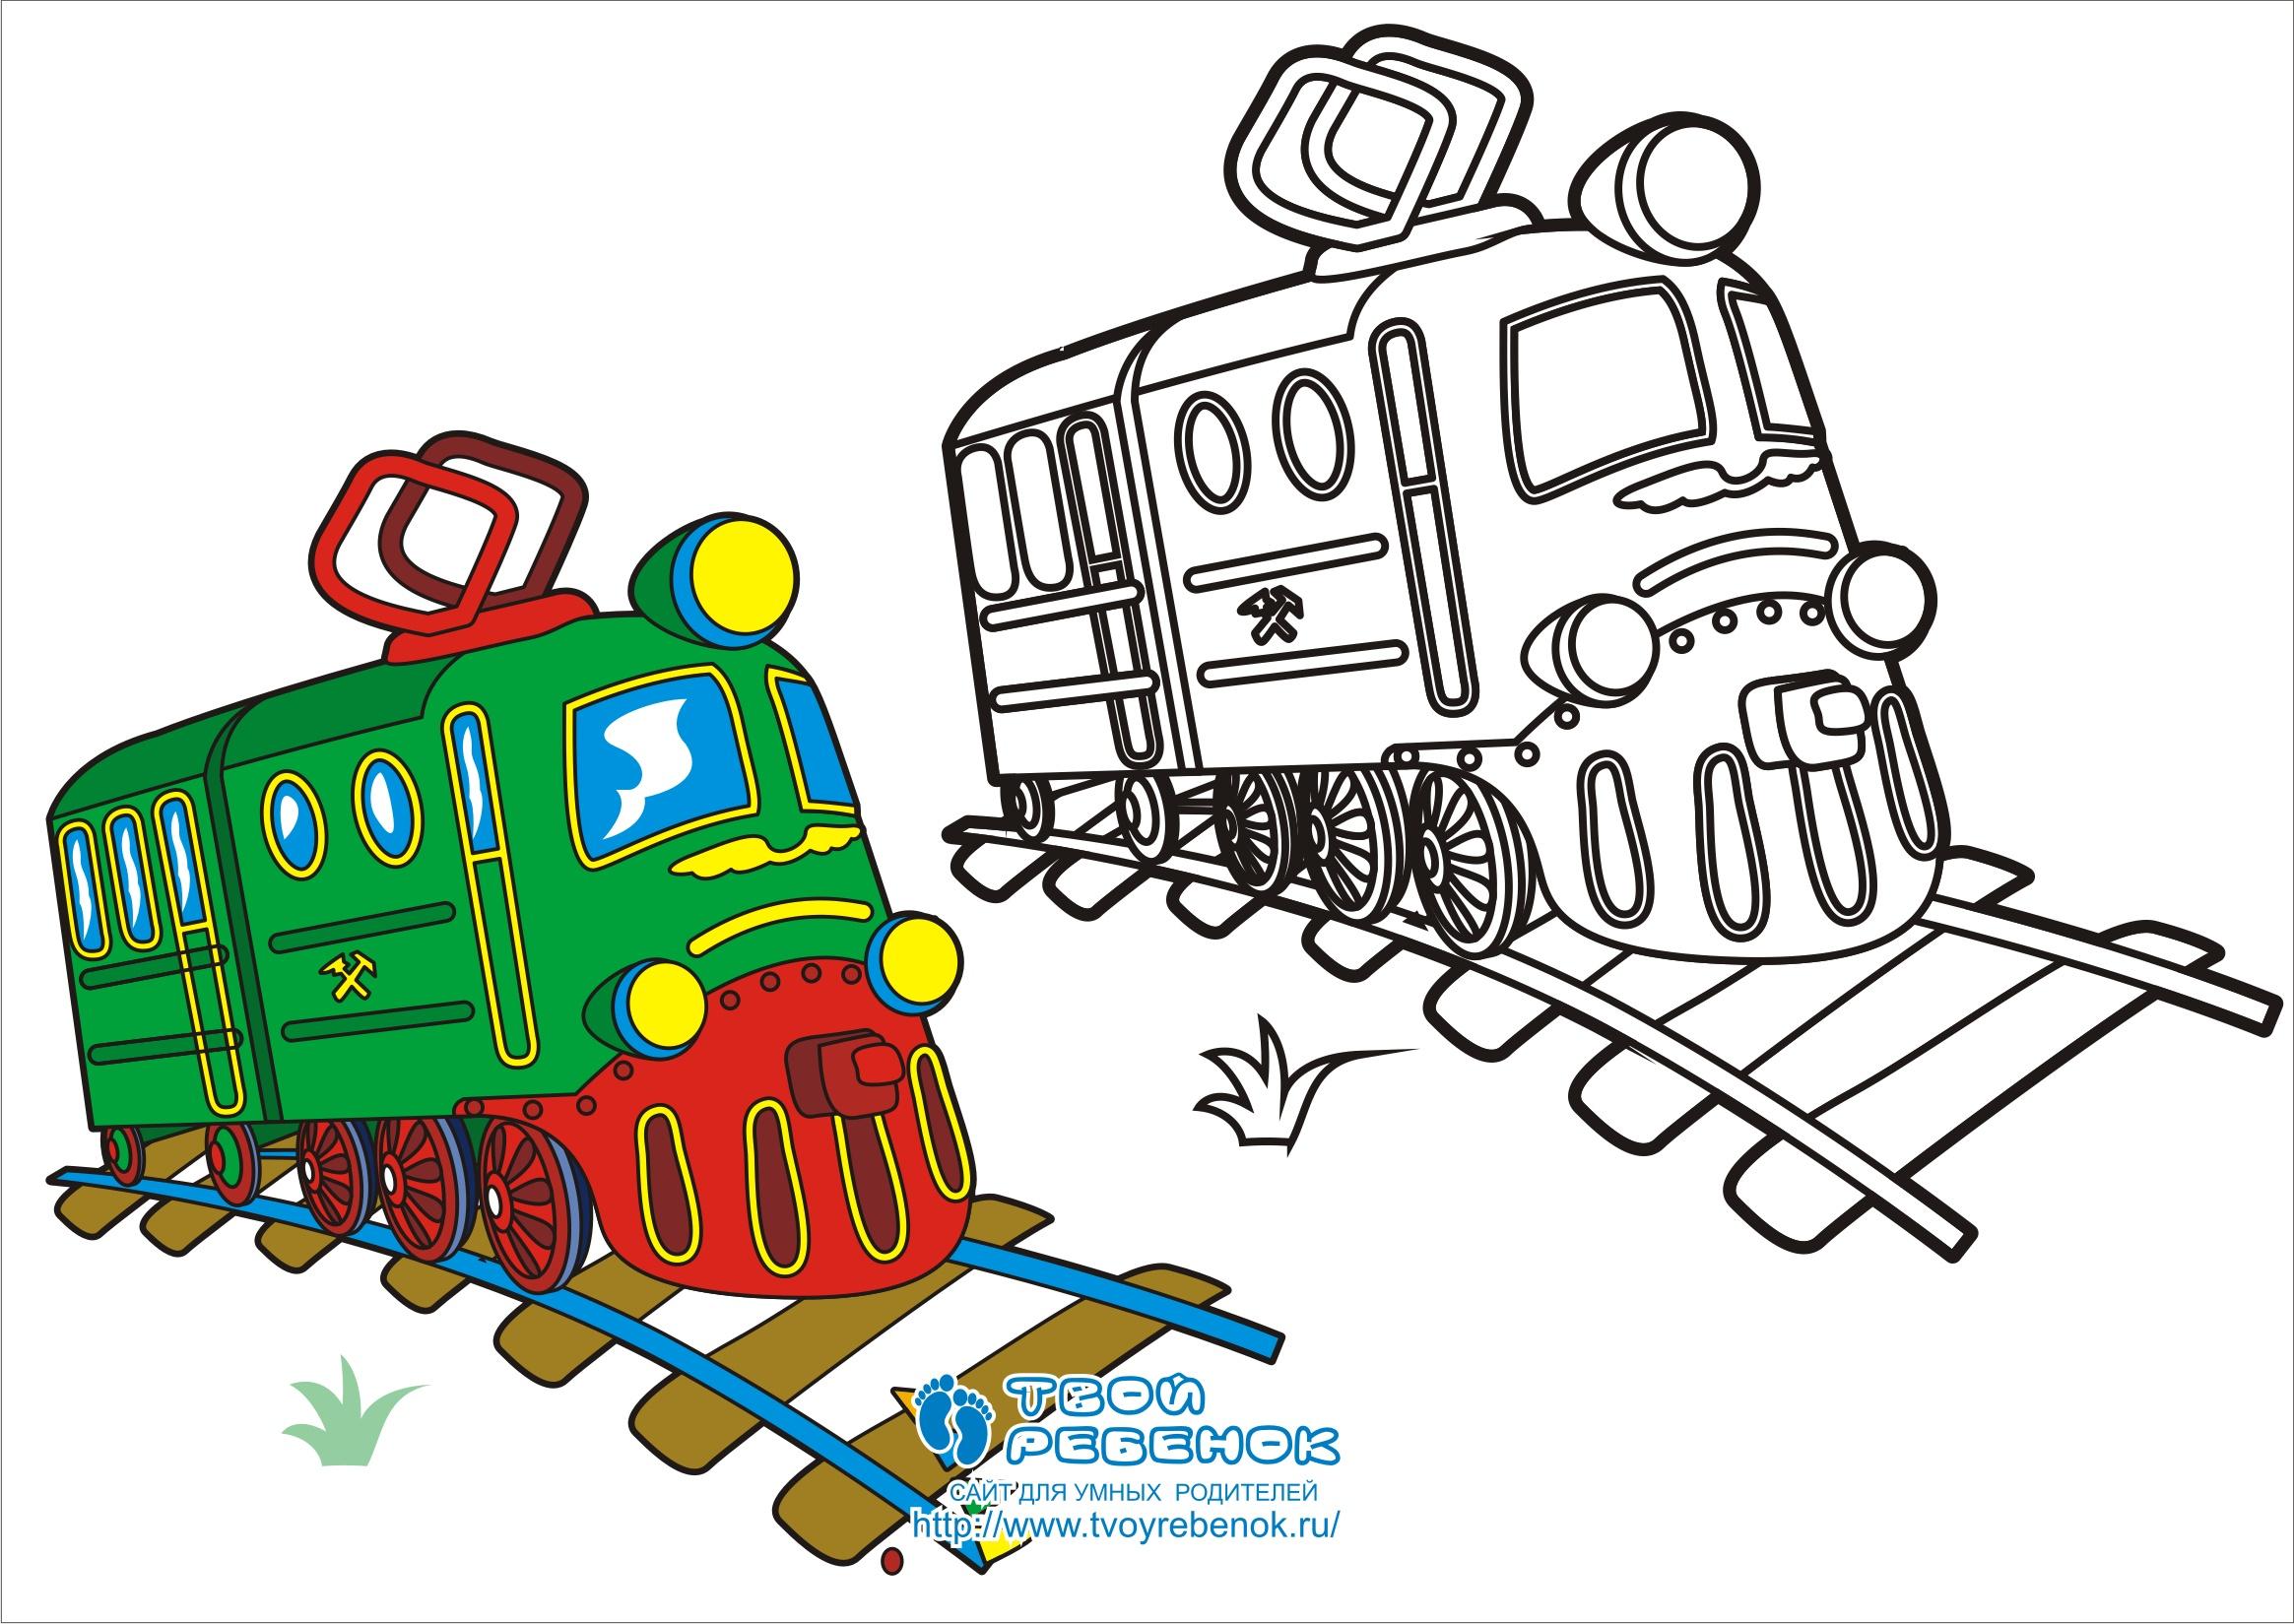 Раскраски онлайн поезда | Скачать, распечатать бесплатно!